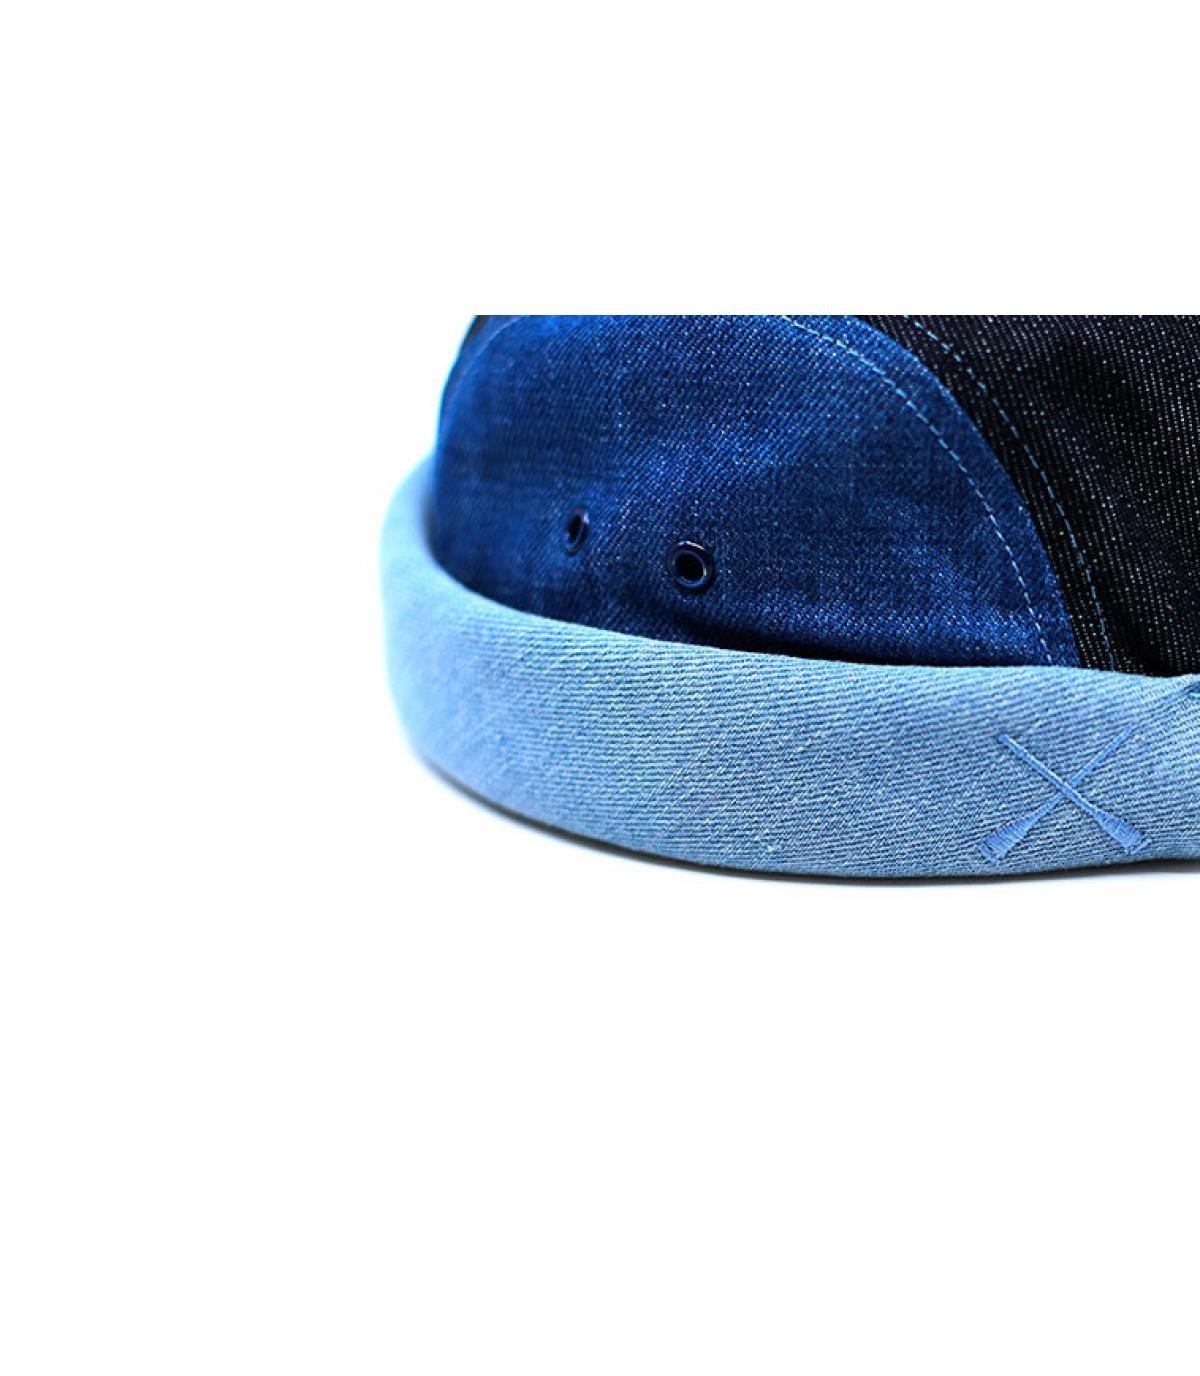 Details Miki 5 Panel denim blue - Abbildung 4